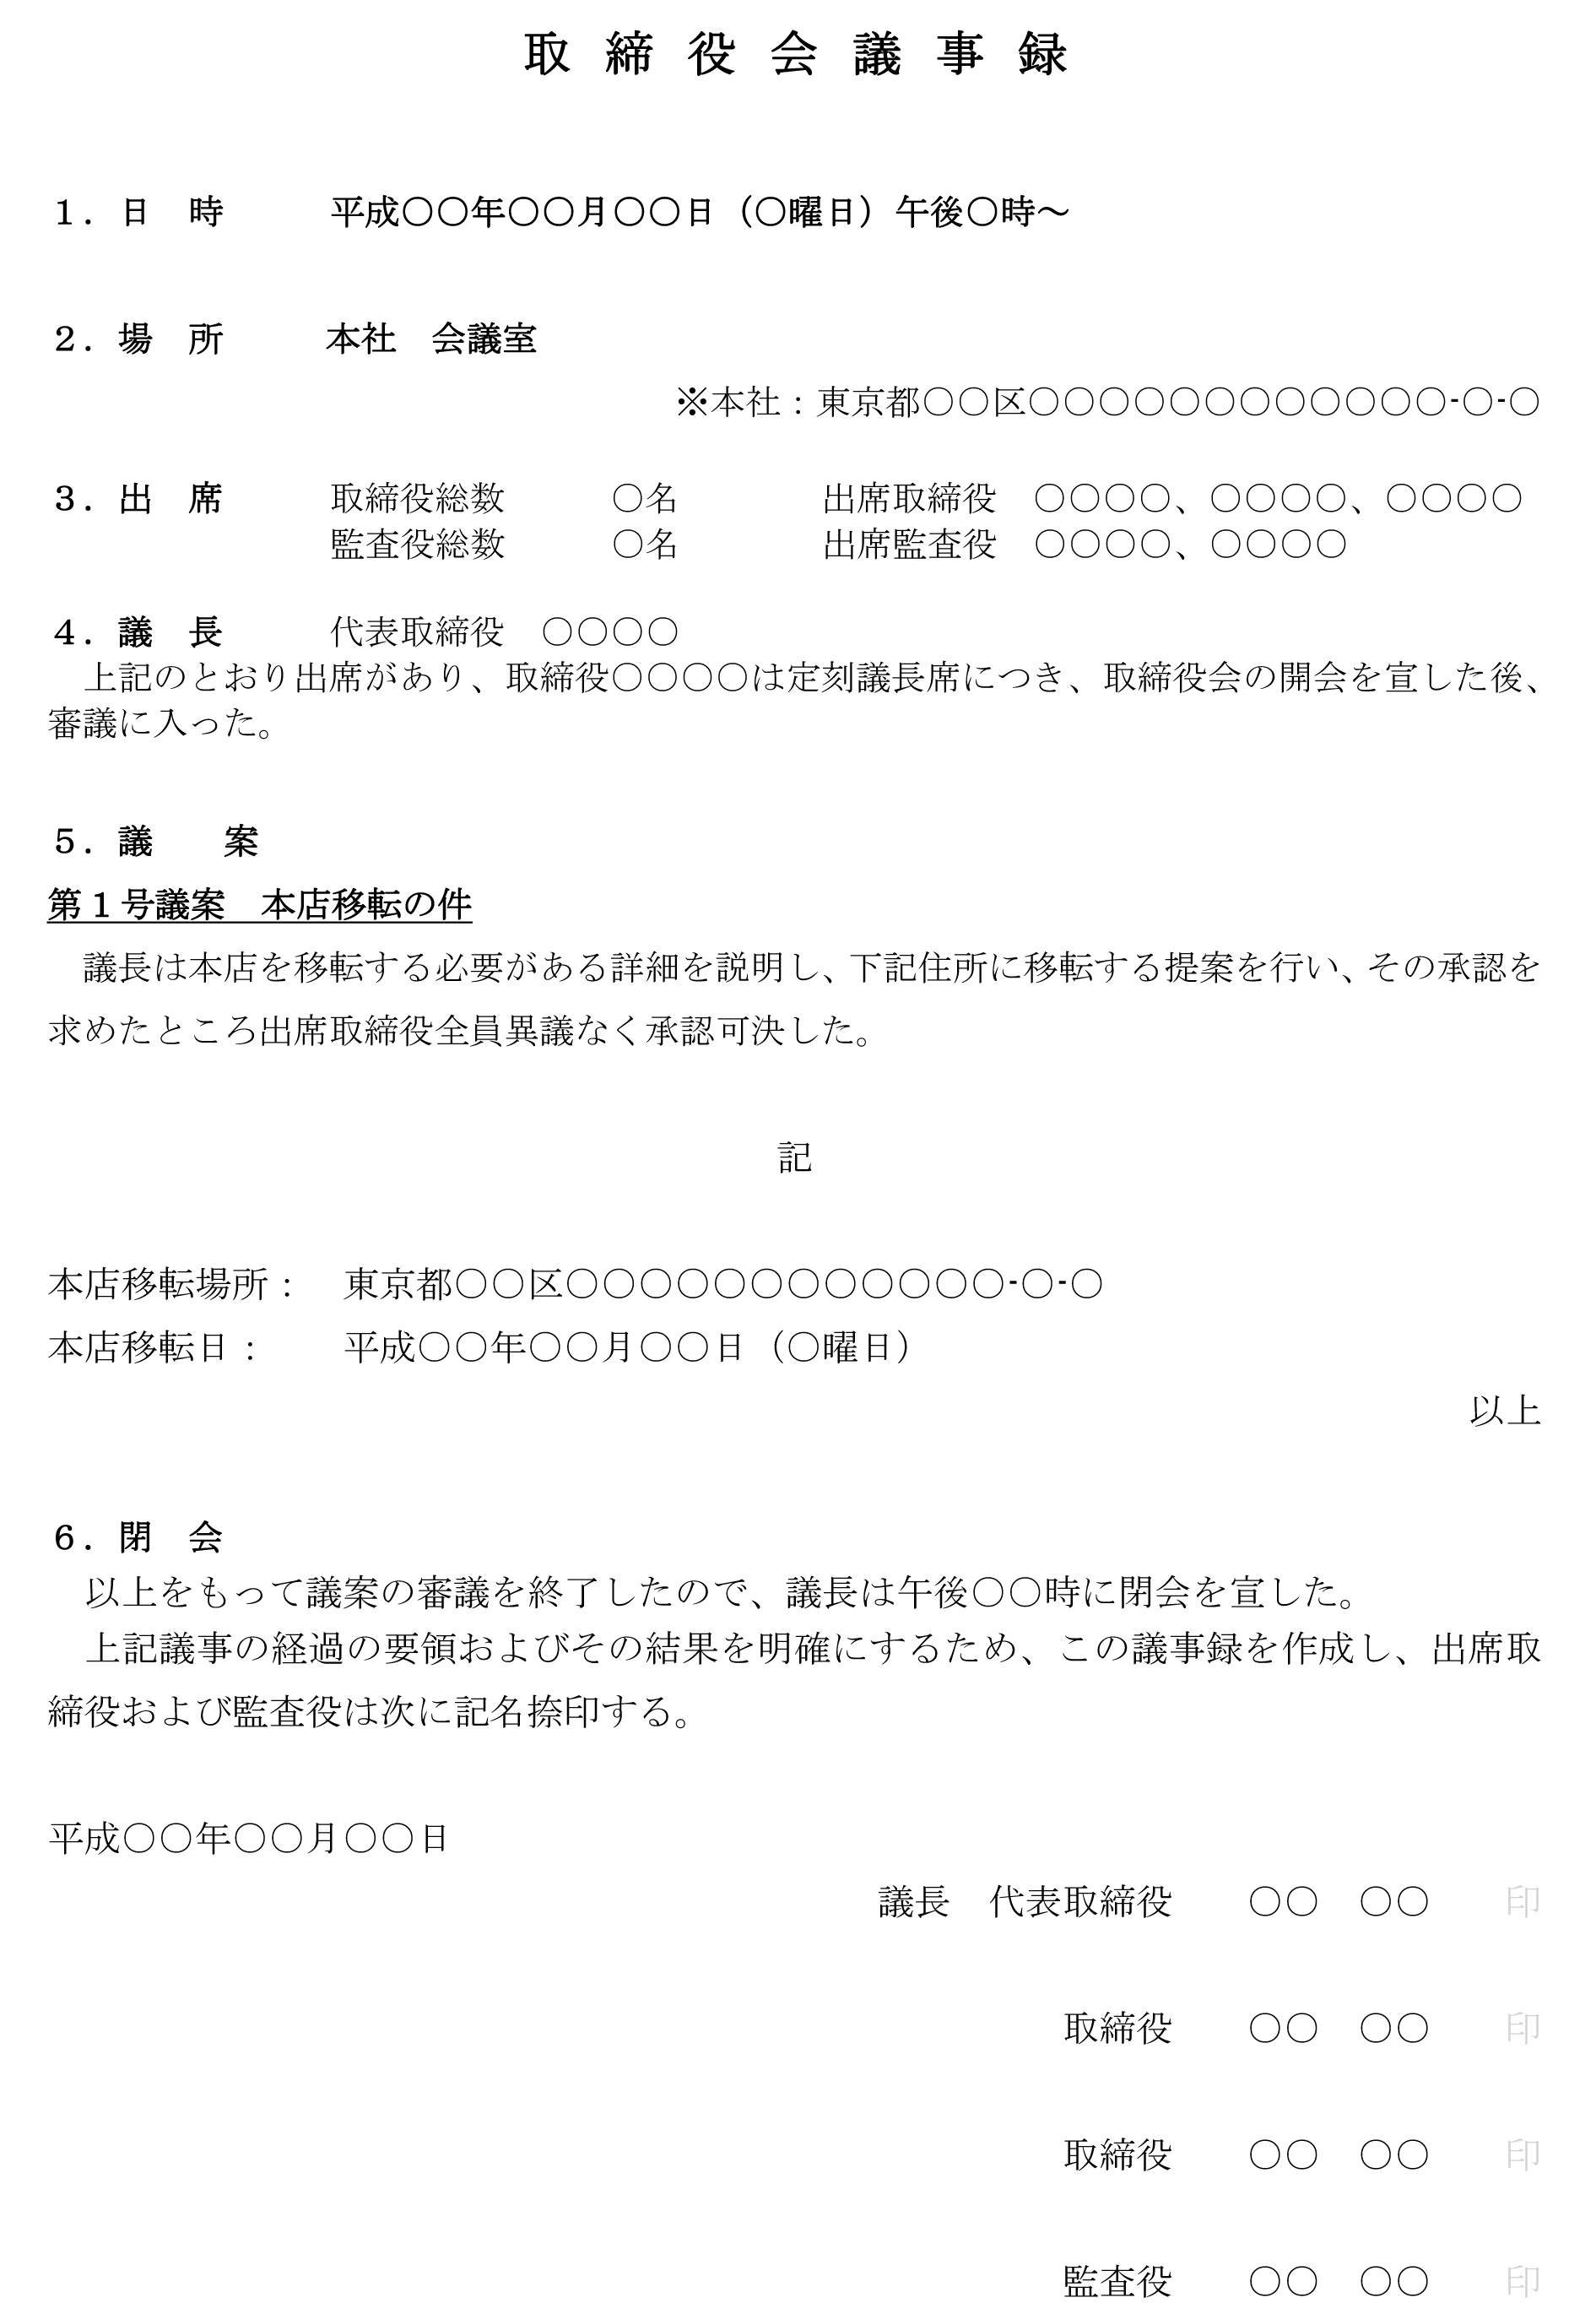 取締役会議事録(本店移転)01